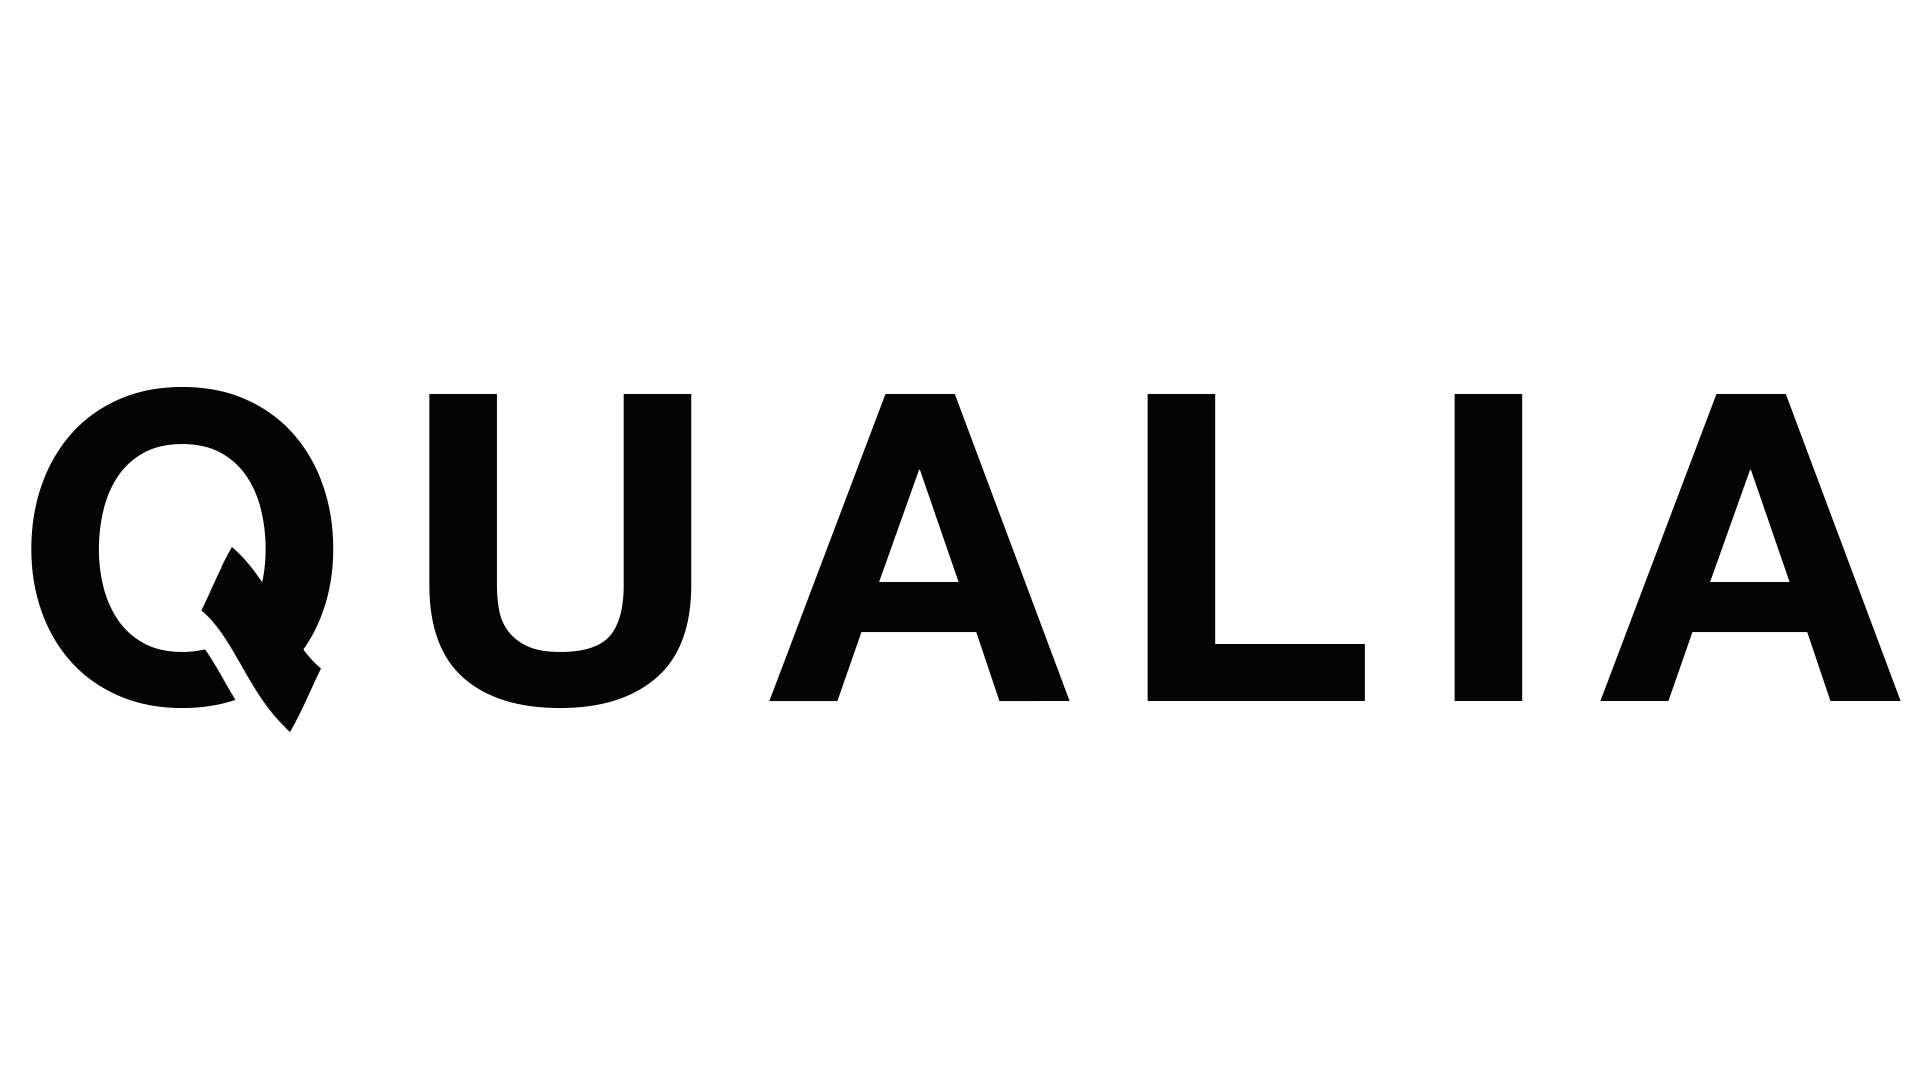 Qualia-1-AZ.png